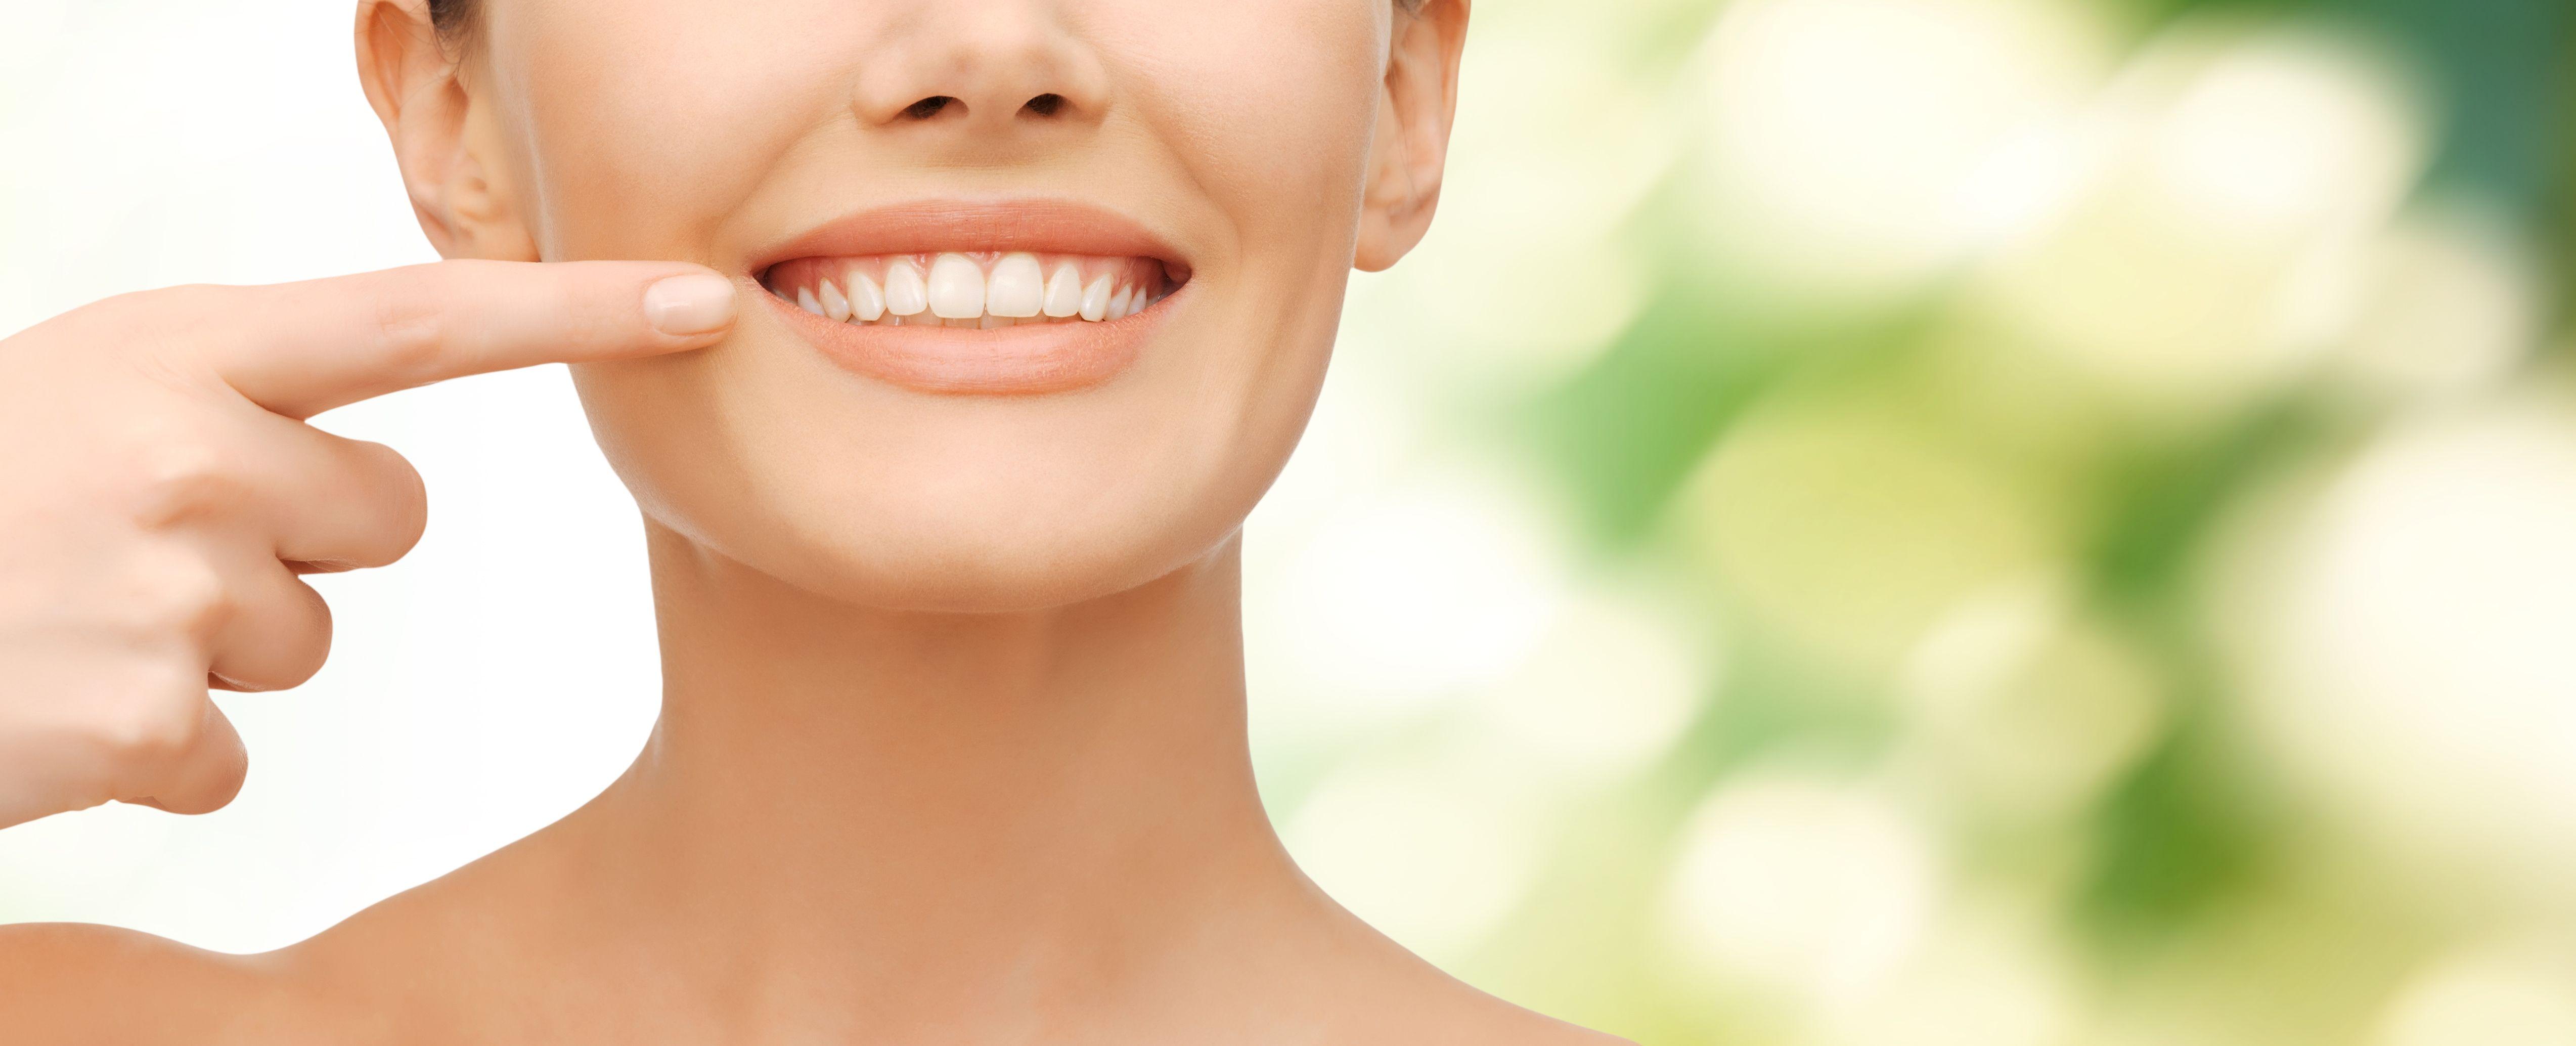 Estética dental en Albacete